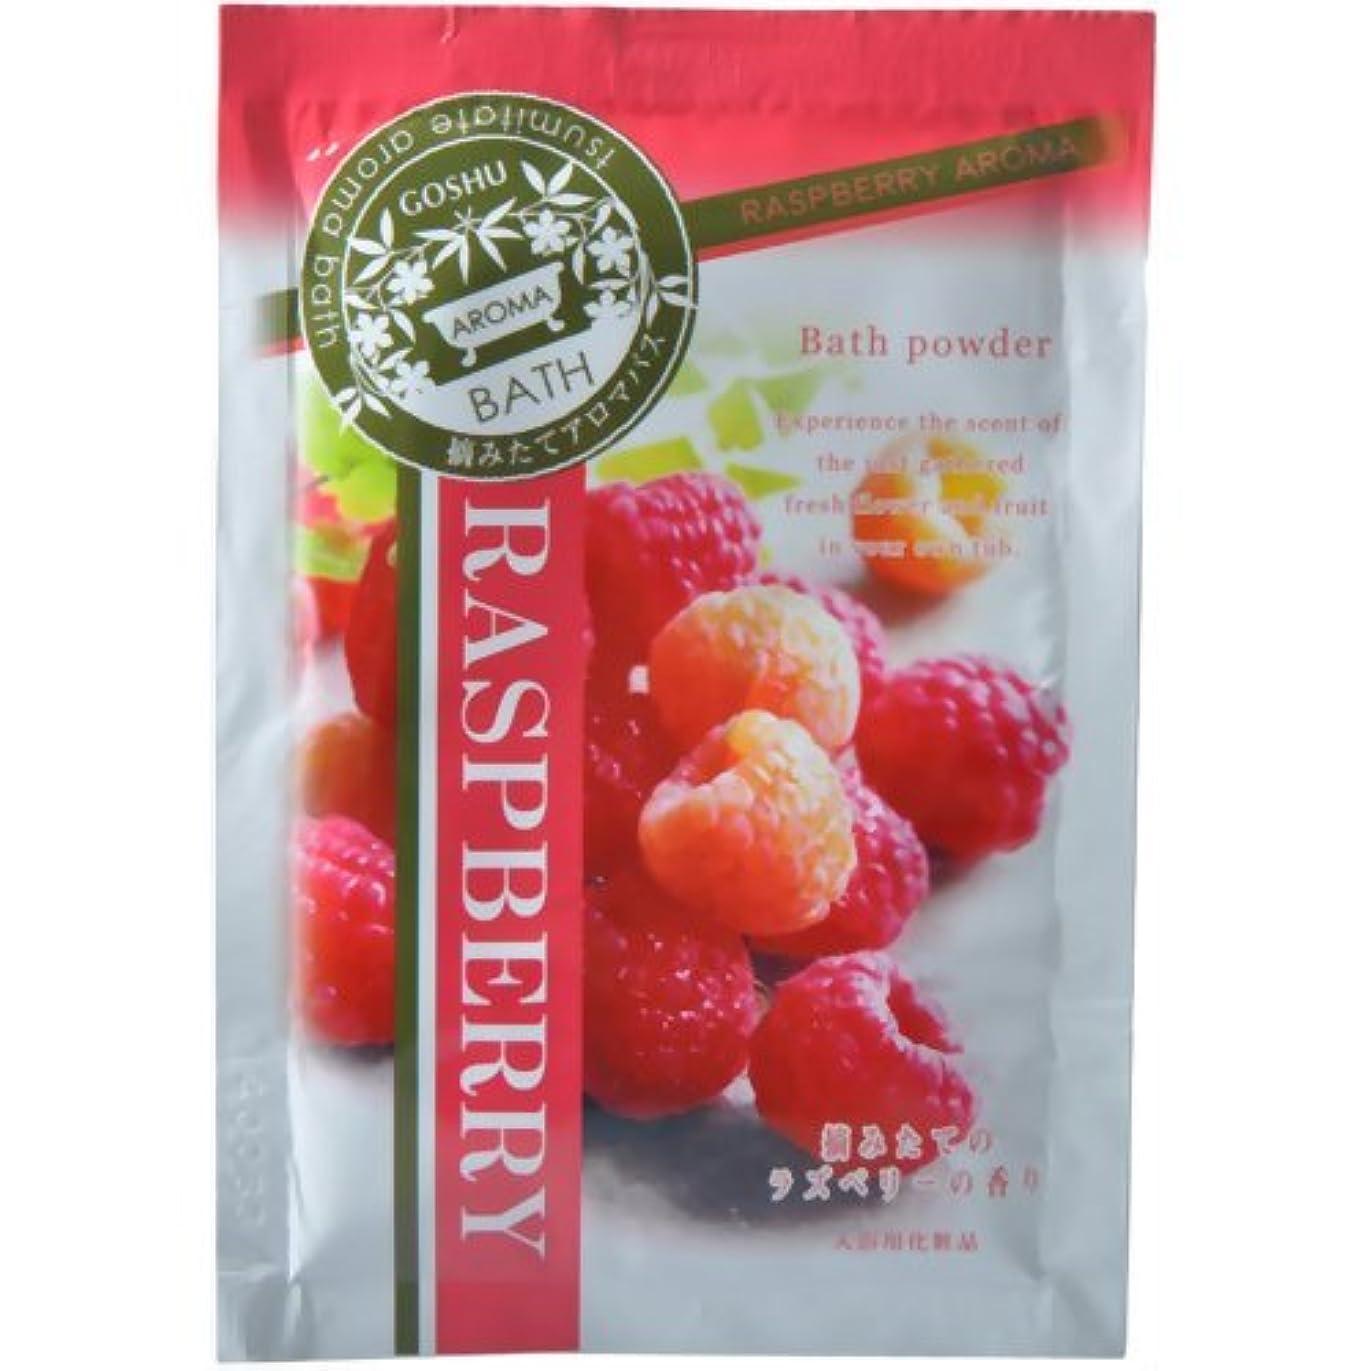 コインランドリー知るふくろう摘みたてアロマバス 摘みたてラズベリーの香り 25g(入浴剤)